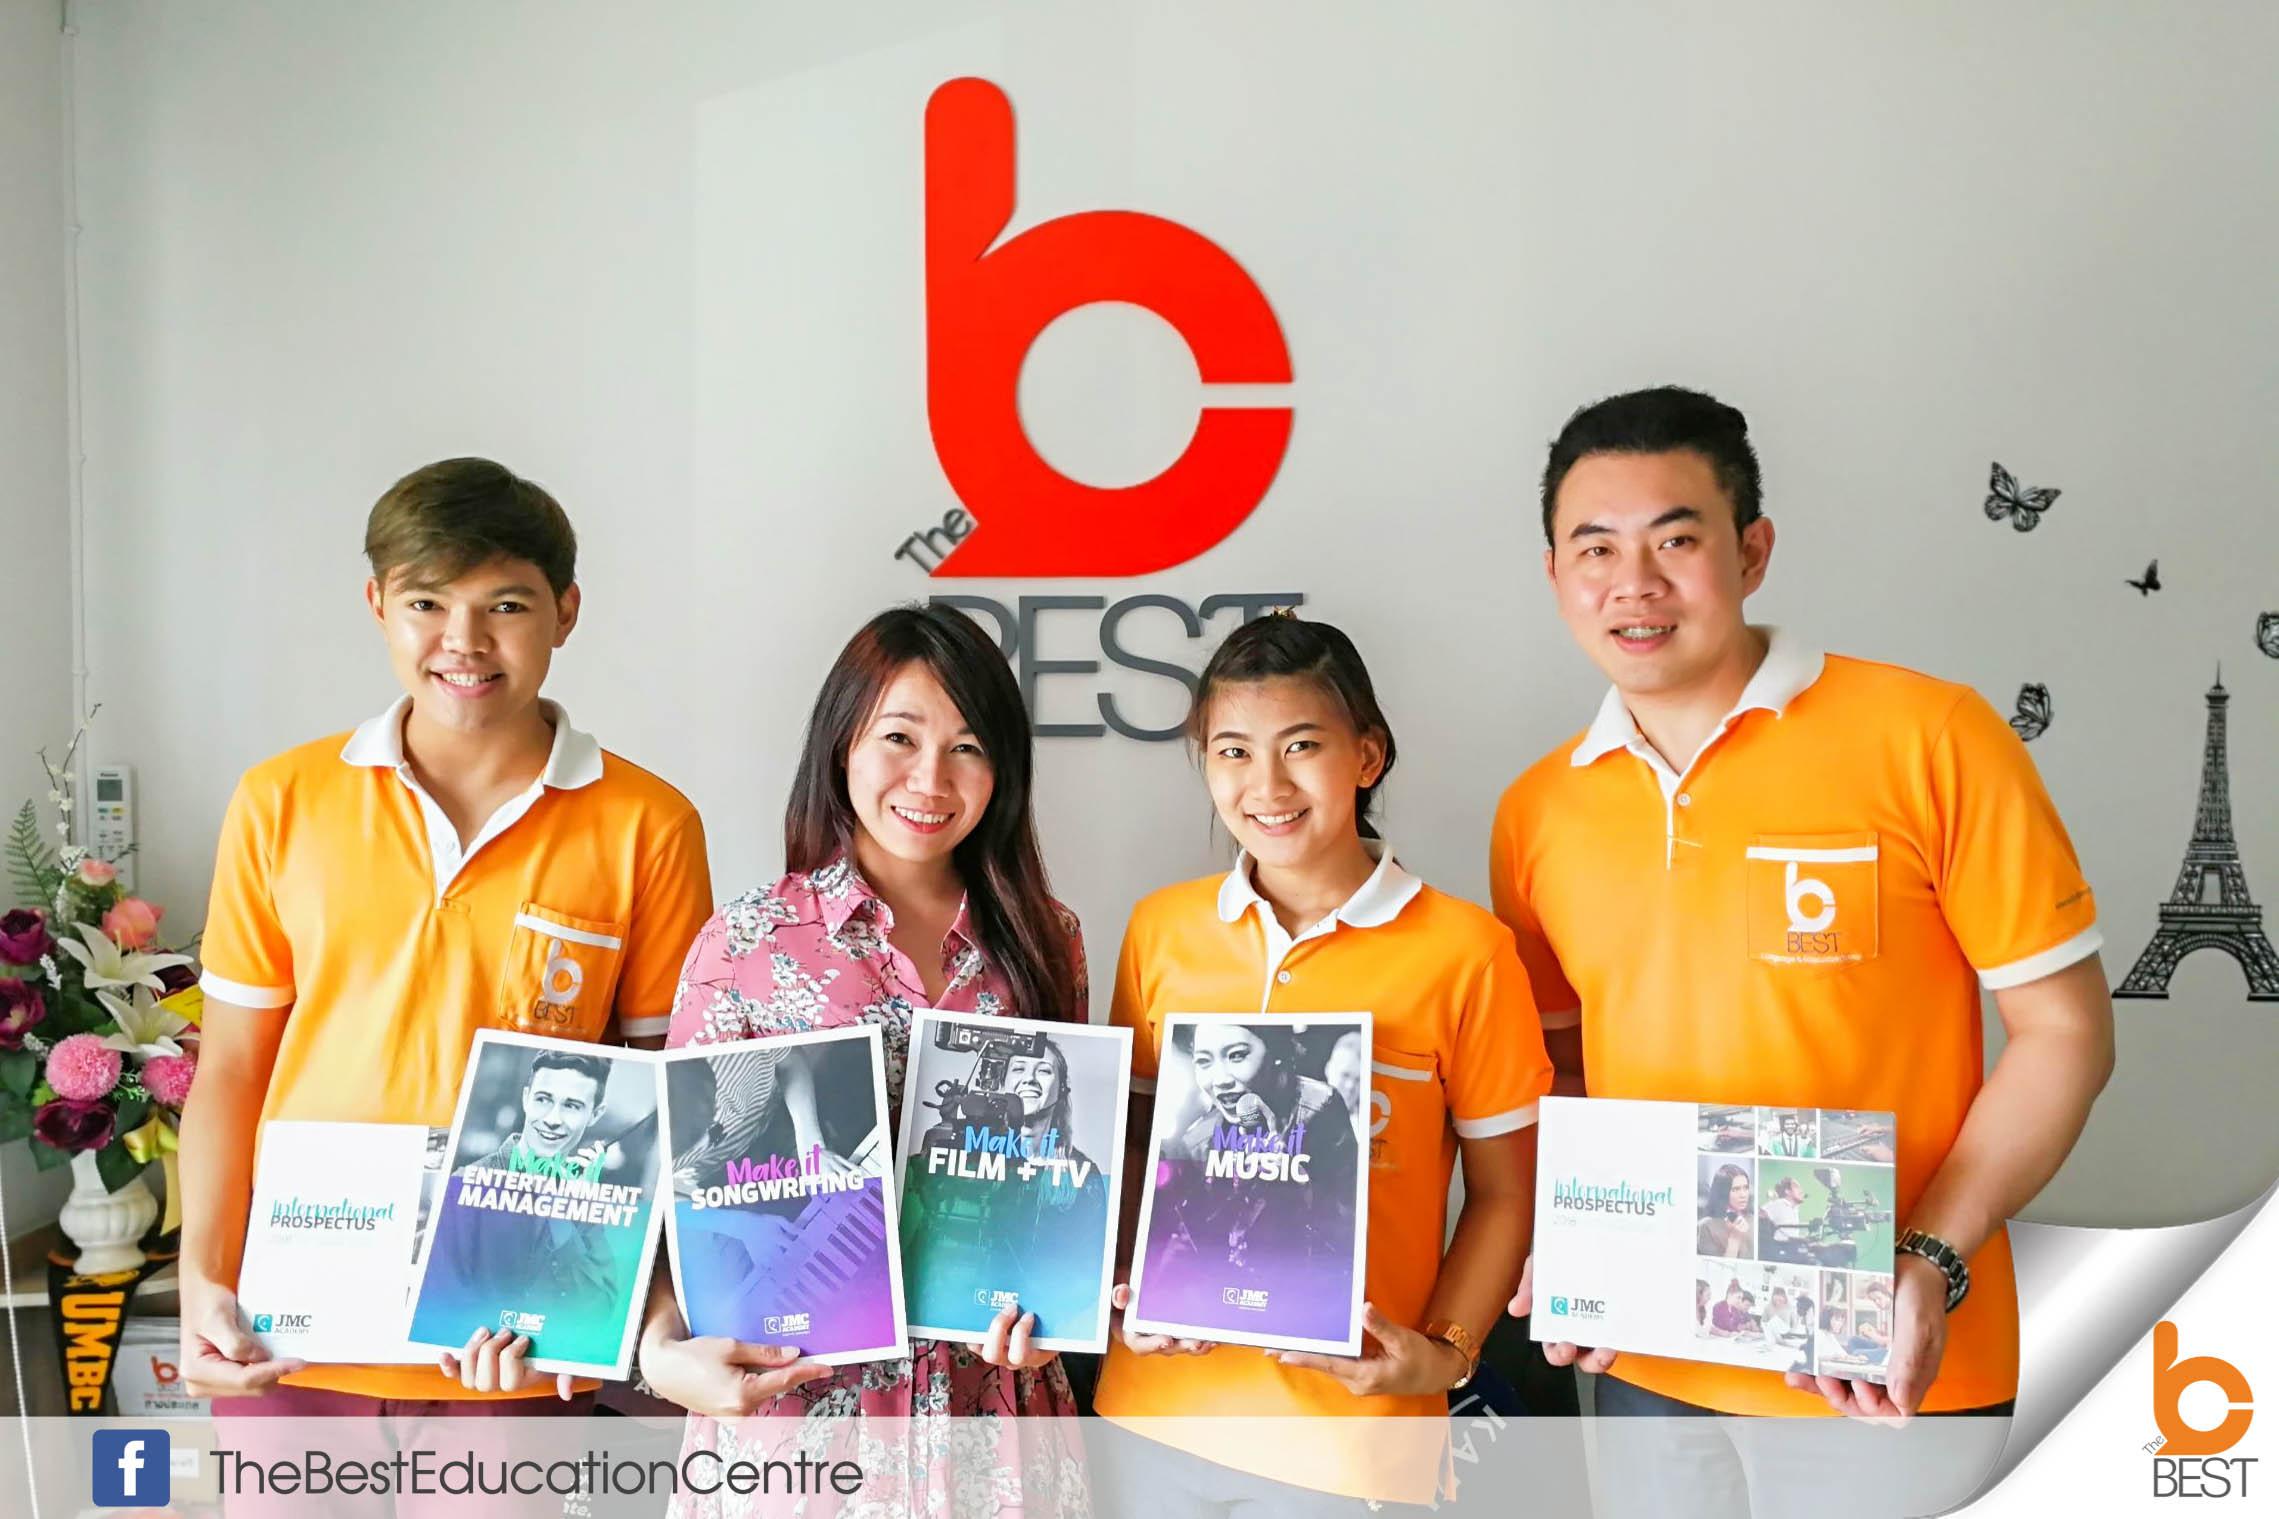 ต้อนรับเจ้าหน้าที่ JMC Academy แนะแนวเรียนต่อต่างประเทศ เรียนต่อออสเตรเลีย เรียนดนตรีต่างประเทศ ภาพยนตร์ เพลง เดอะเบสท์ วีซ่านักเรียน วีซ่าท่องเที่ยว